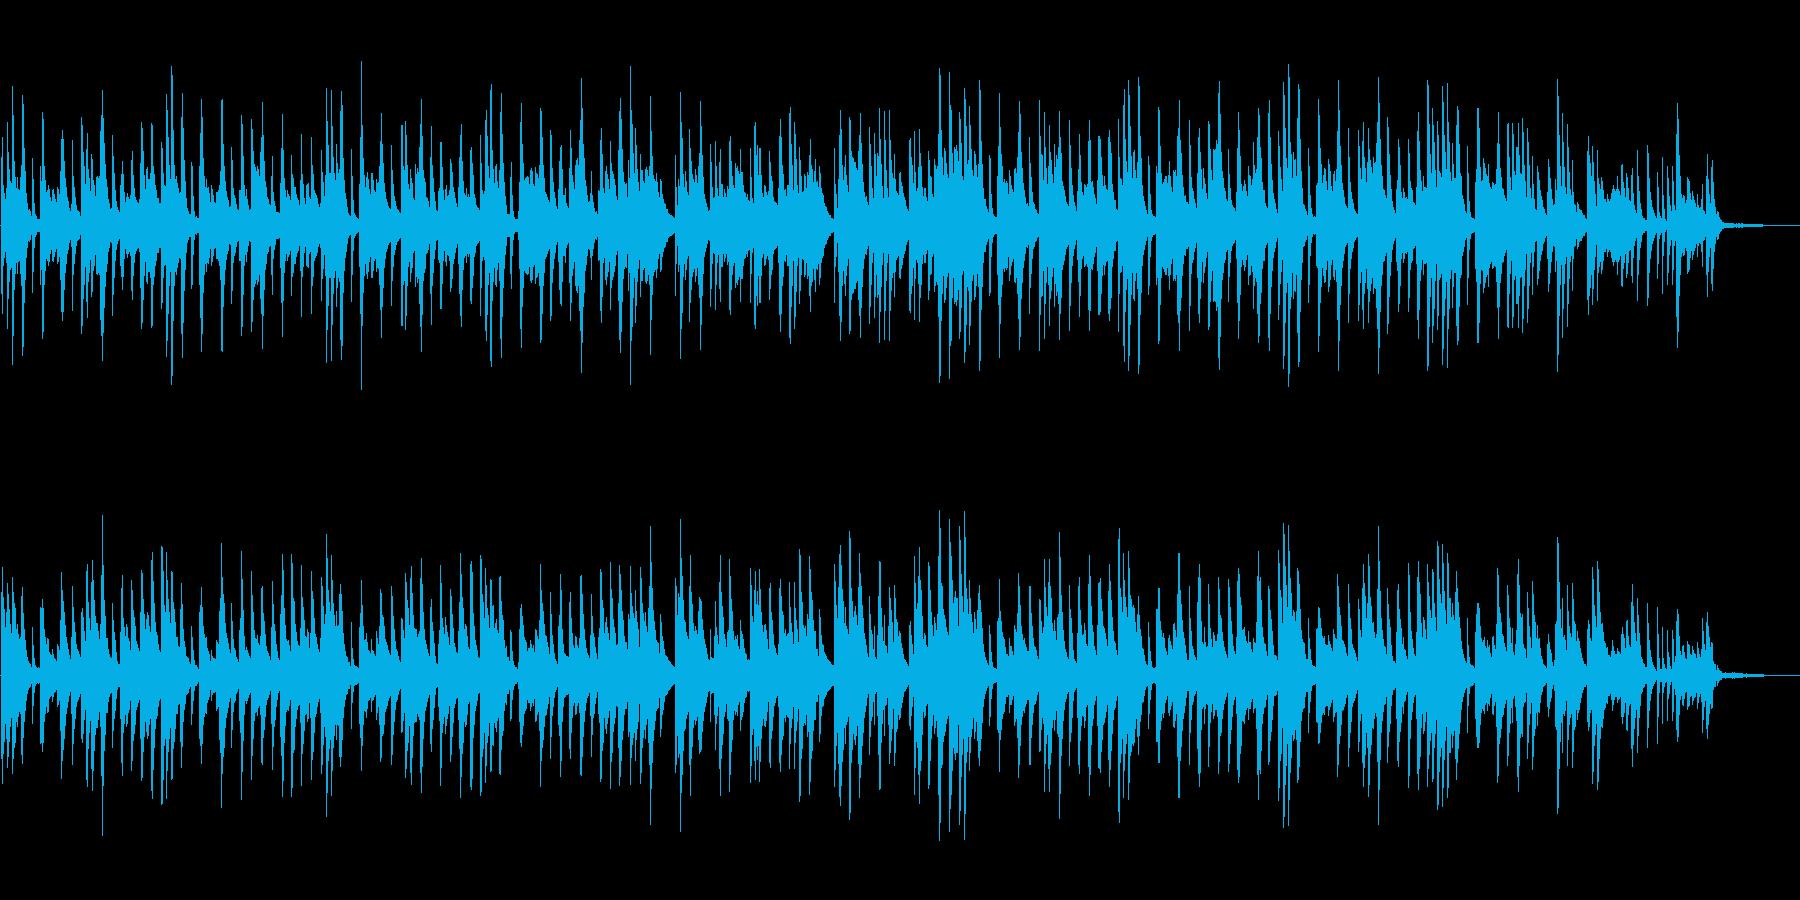 情感を誘う切ないピアノソロBGMの再生済みの波形